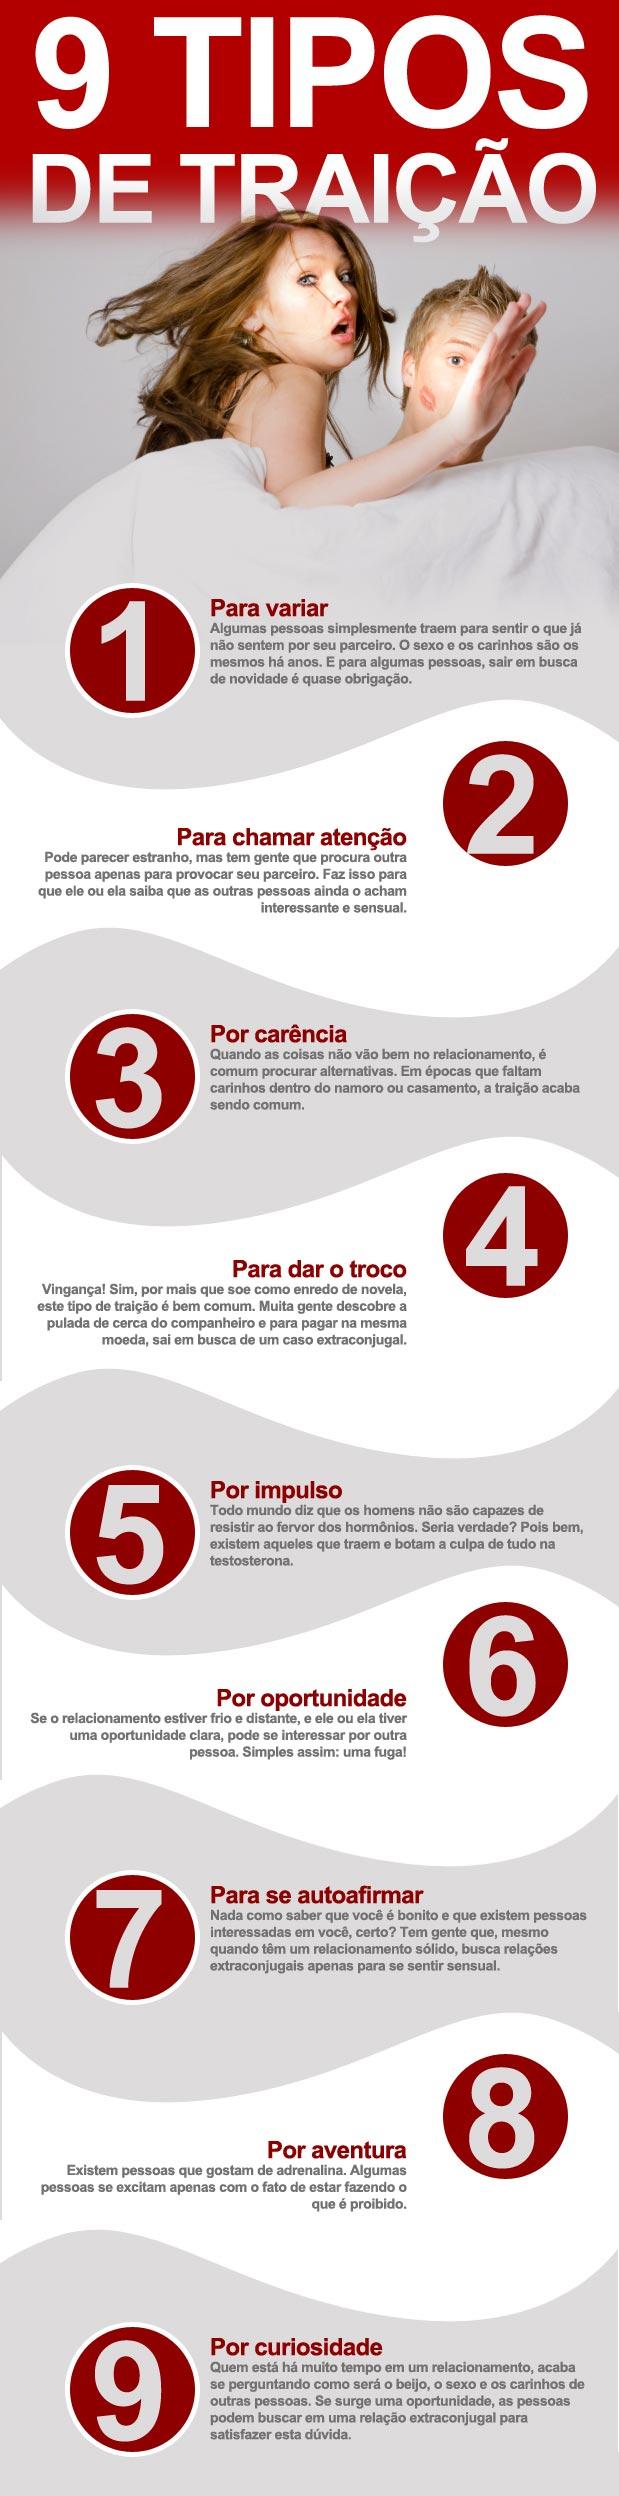 9 tipos de traição